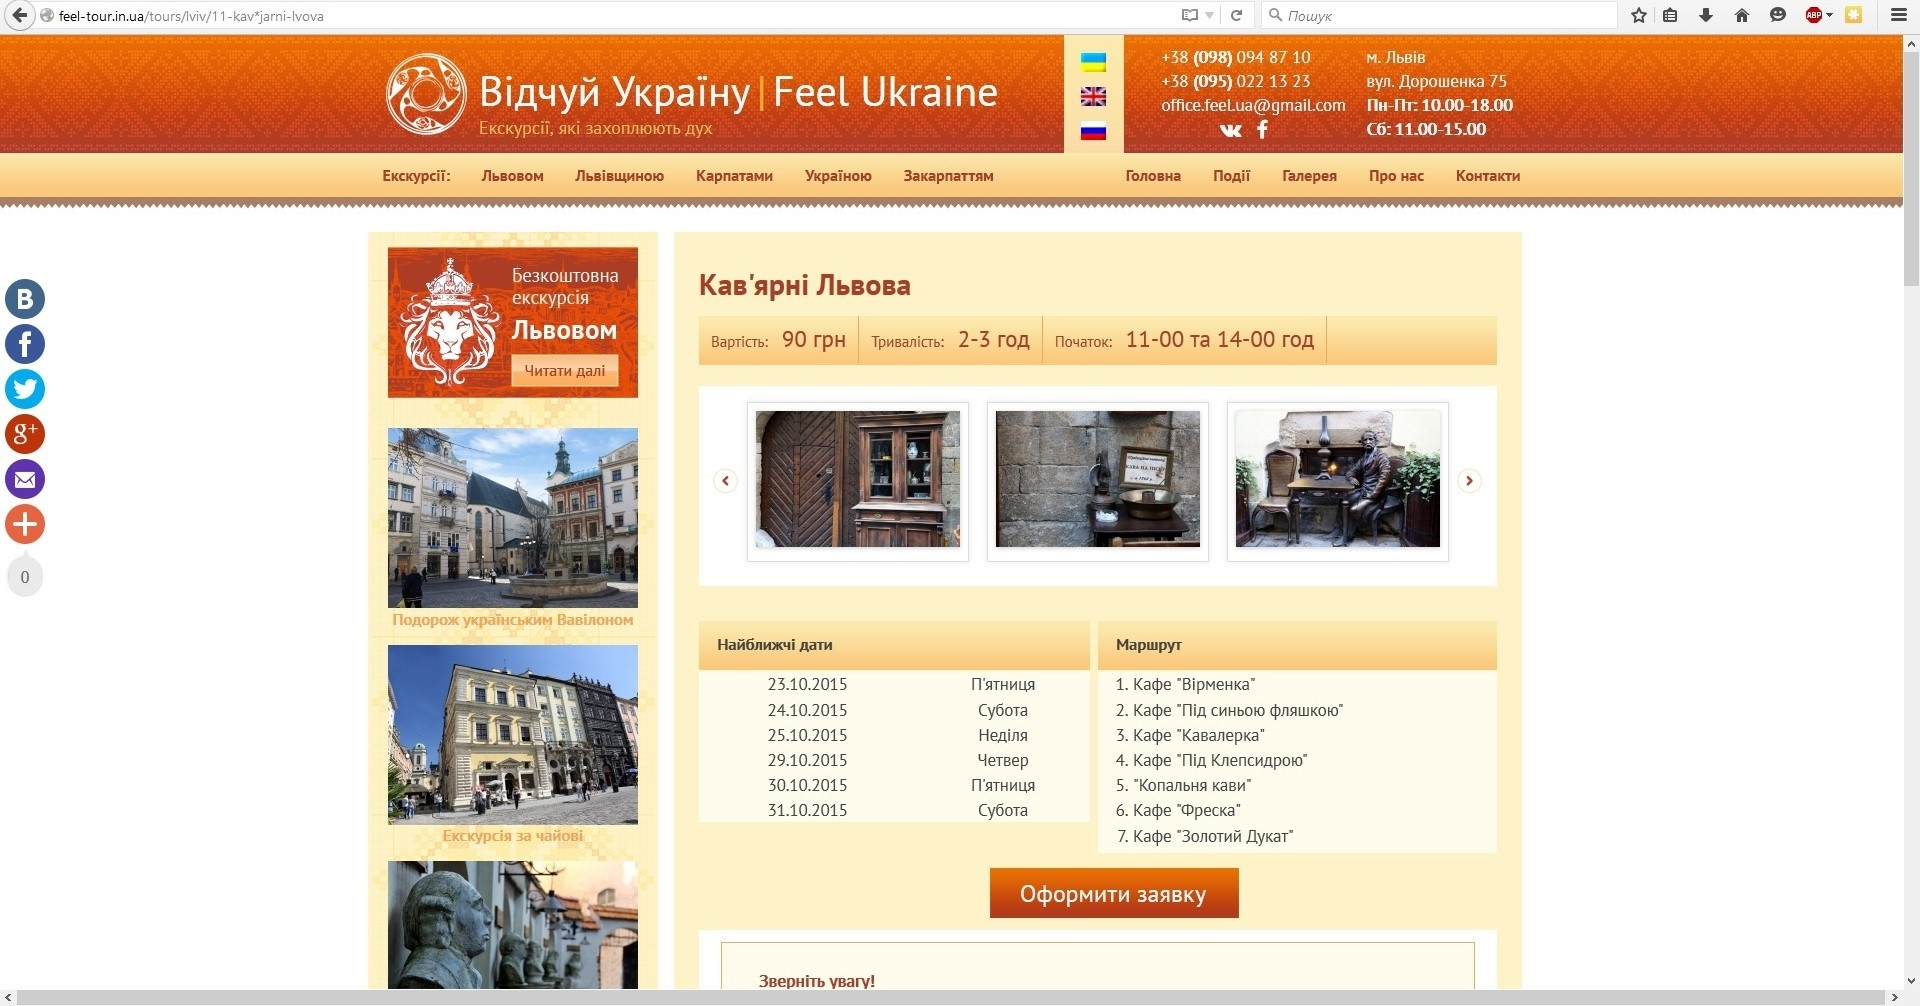 Екскурсія детально. Відчуй Україну | Feel Ukraine